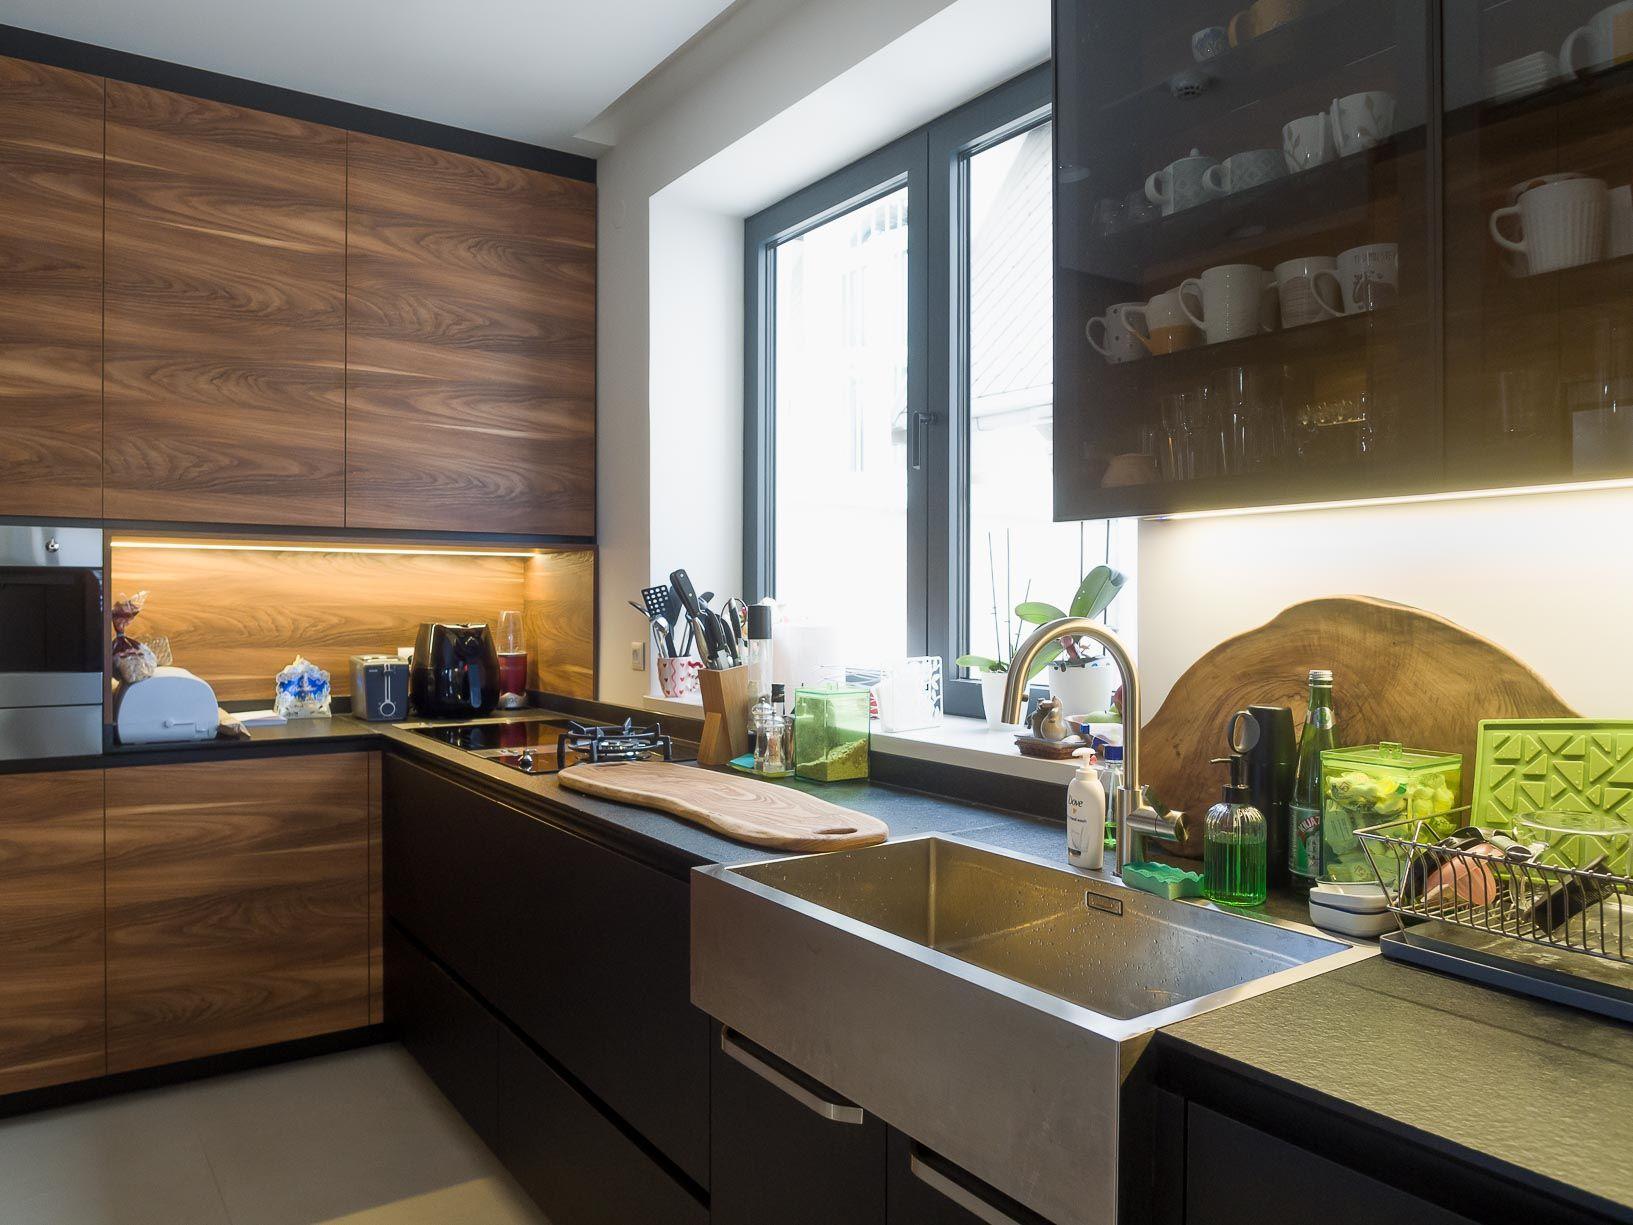 Adaptacija kuhinje, vila na Dedinju Beograd. Fotografija enterijera